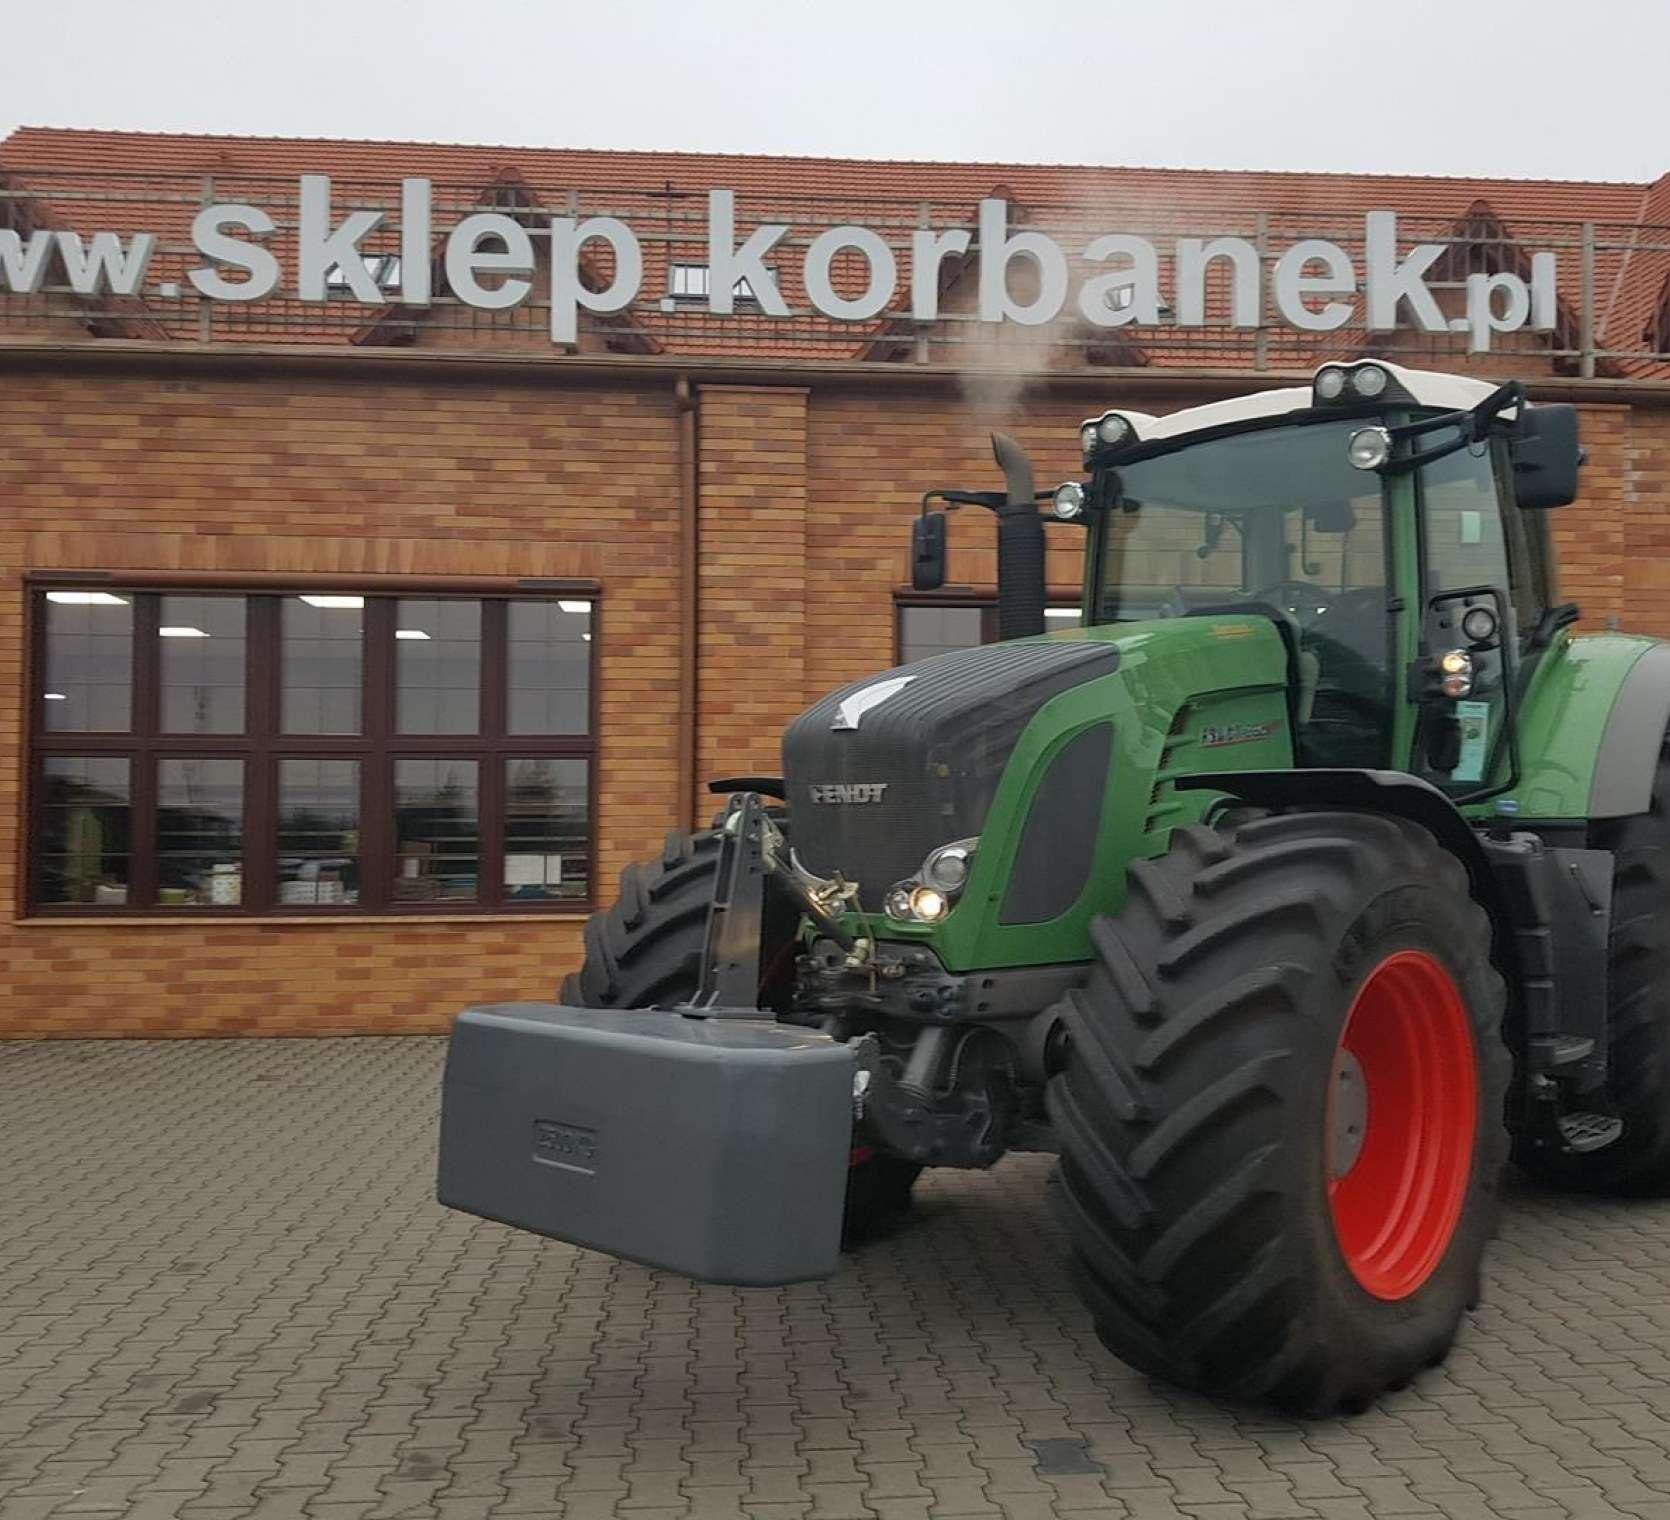 Ciągnik Fendt 936 S4 z przednim obciażnikiem widok z lewej strony z oferty korbanek.pl